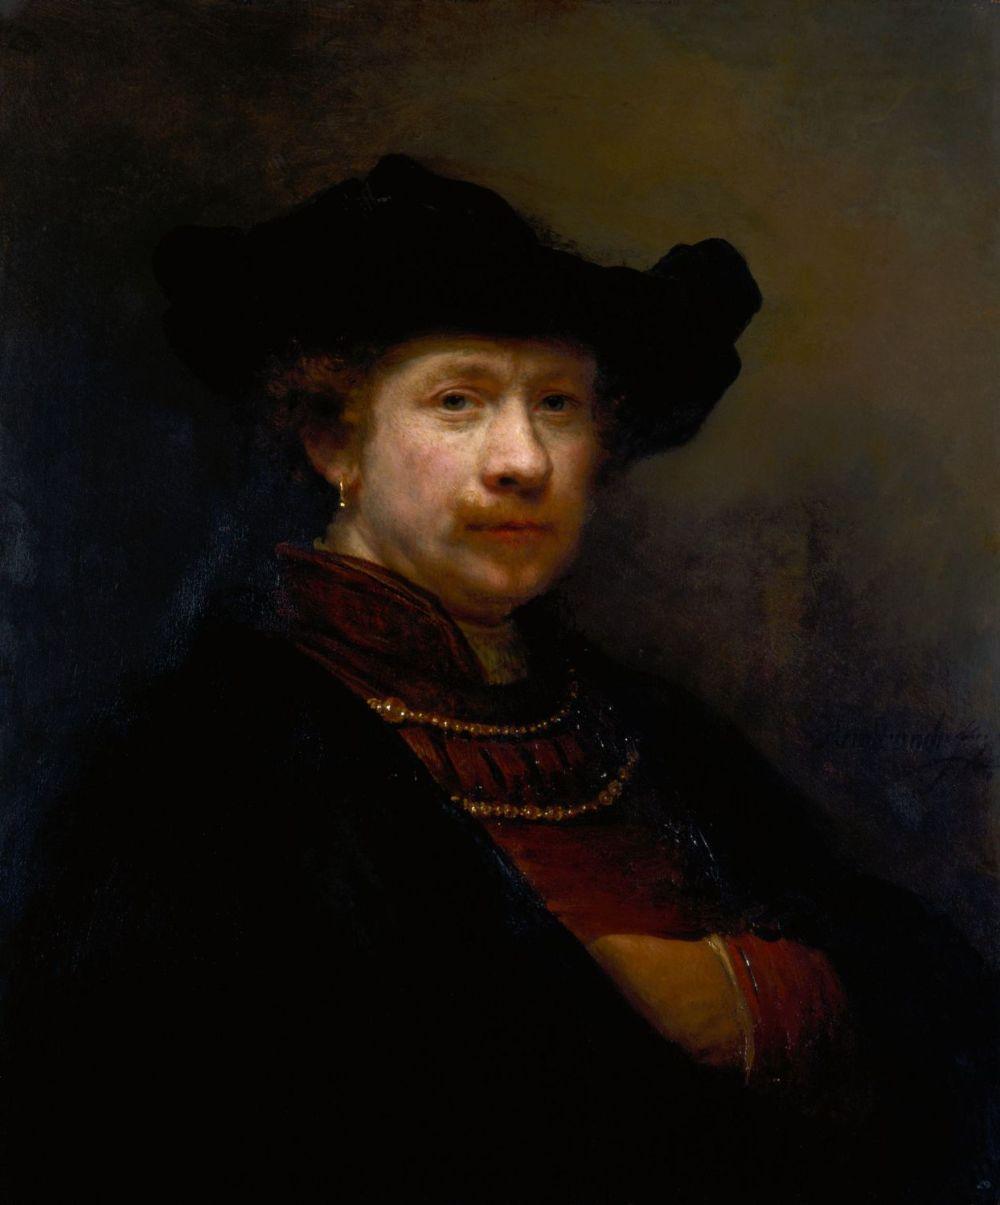 Rembrandt. Autorretrato con una gorra plana. 1642. Colección Real Inglesa.